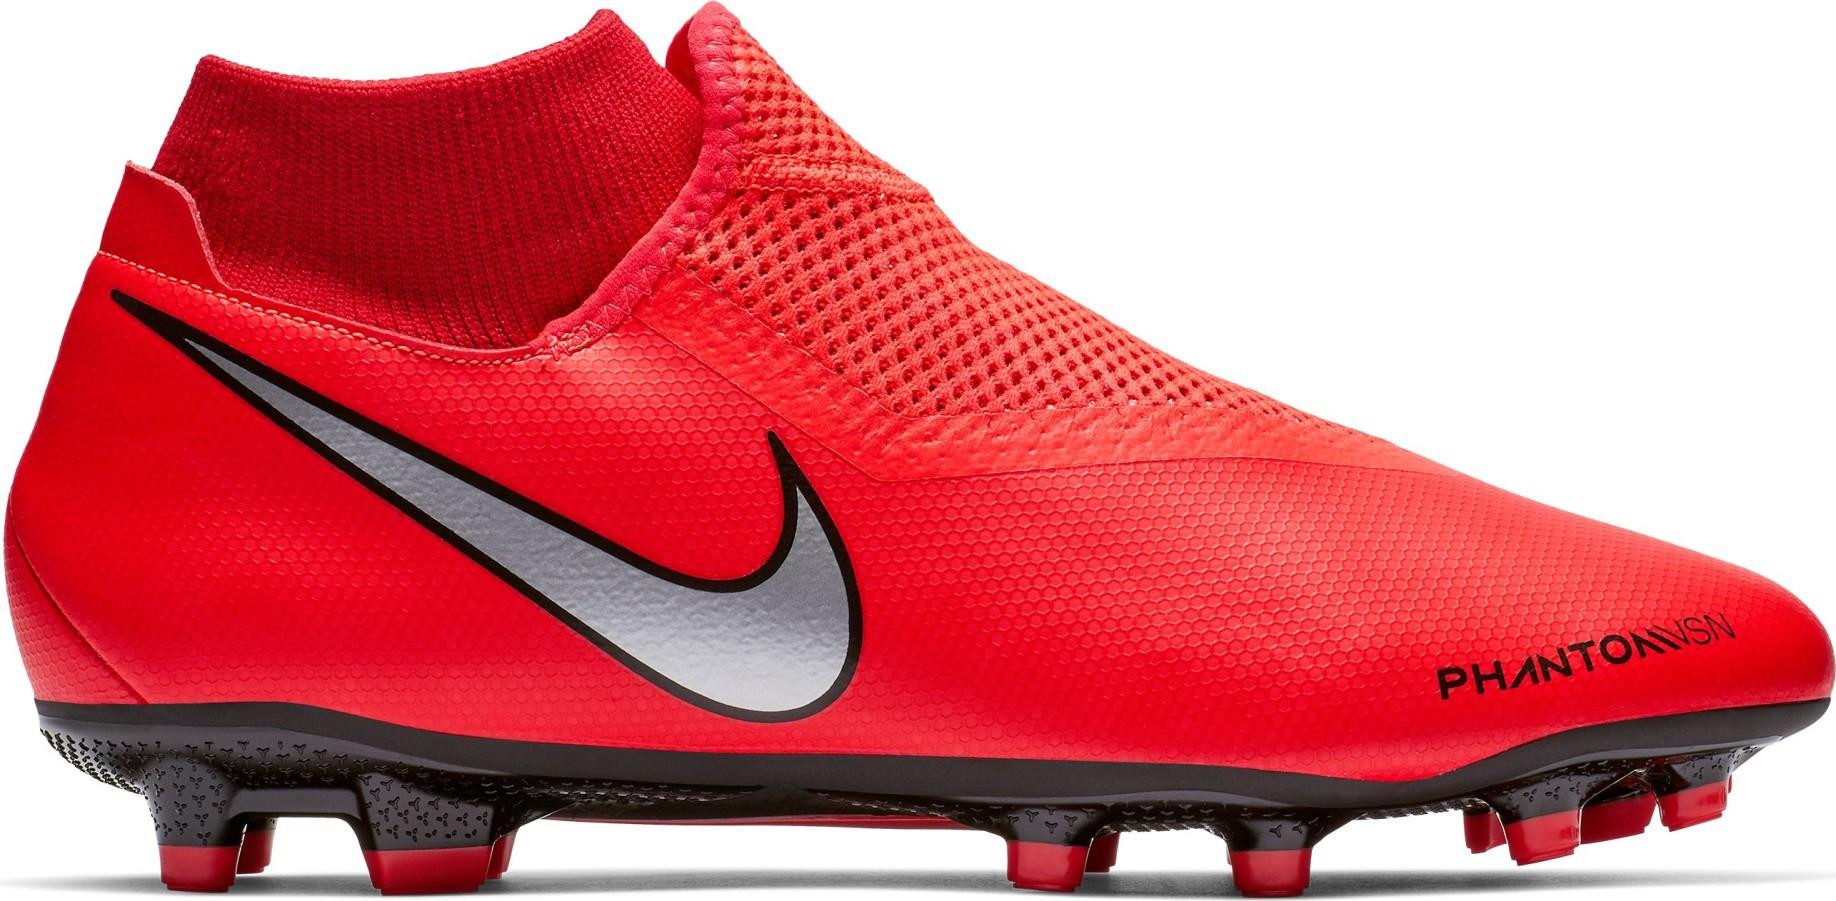 9cbfc3c1e Nike Football boots Phantom Vision Academy MG Game Over Pack colore Red -  Nike - SportIT.com